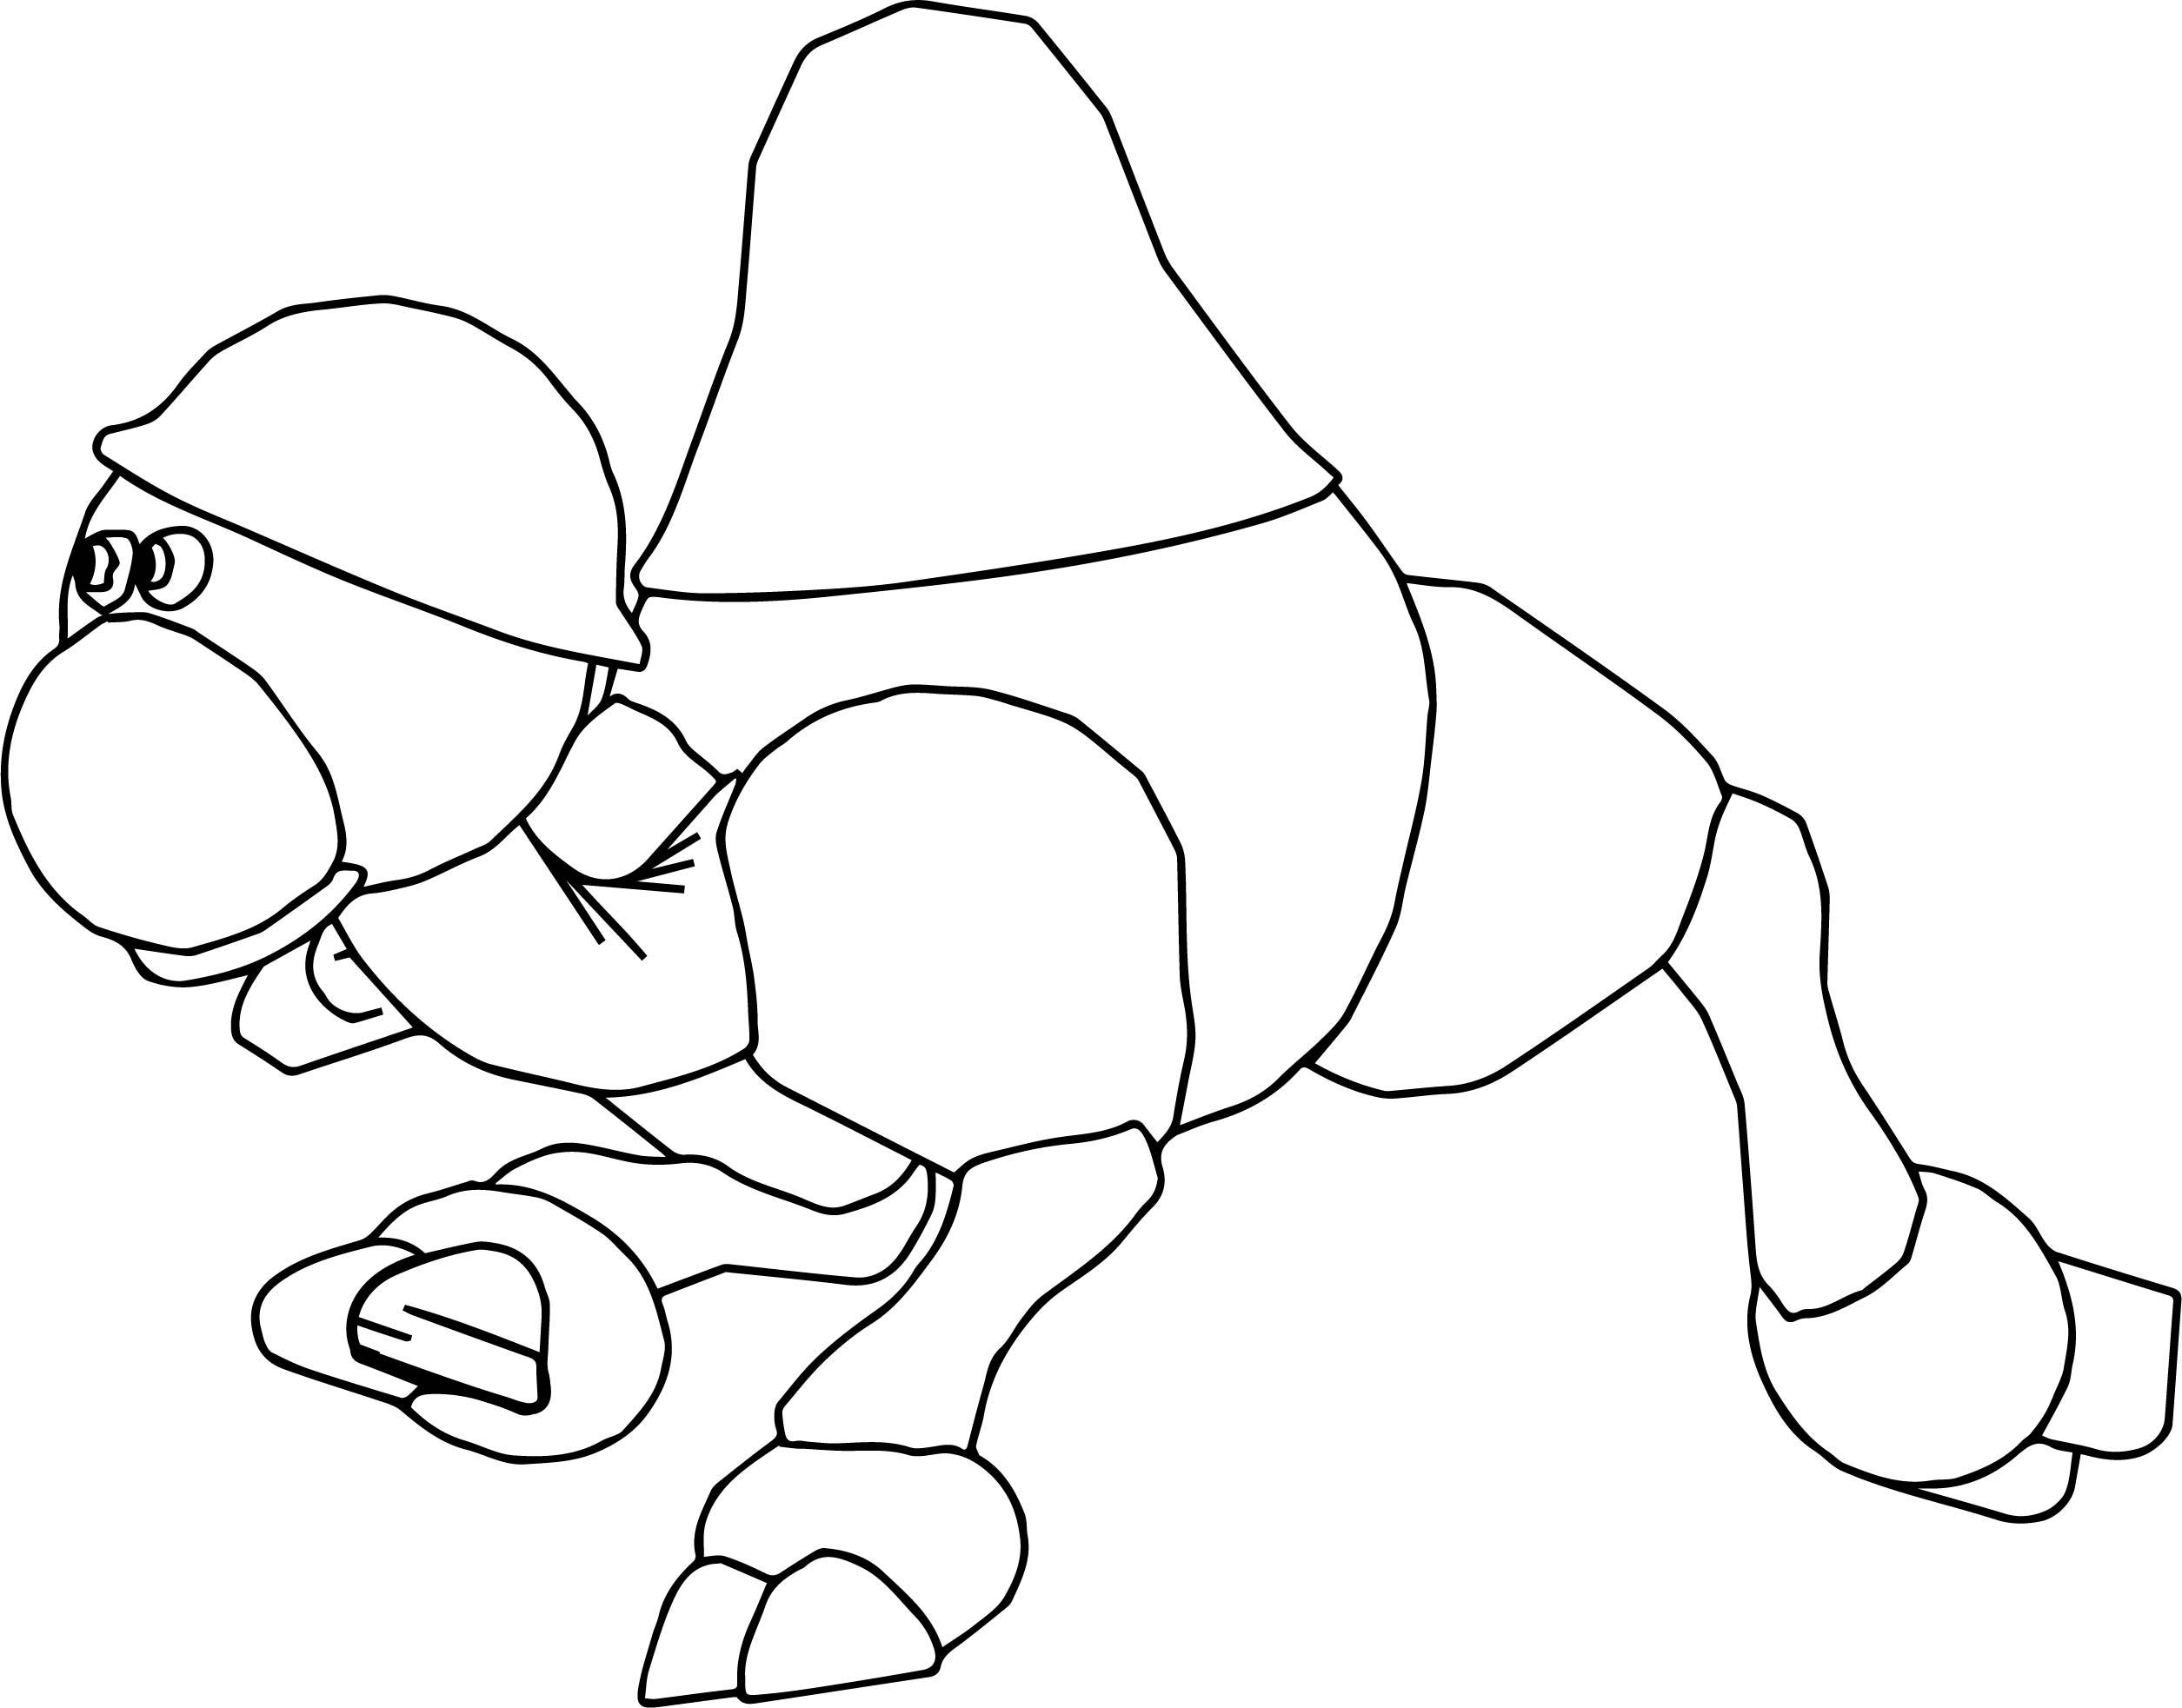 Camel Cartoon Coloring Page